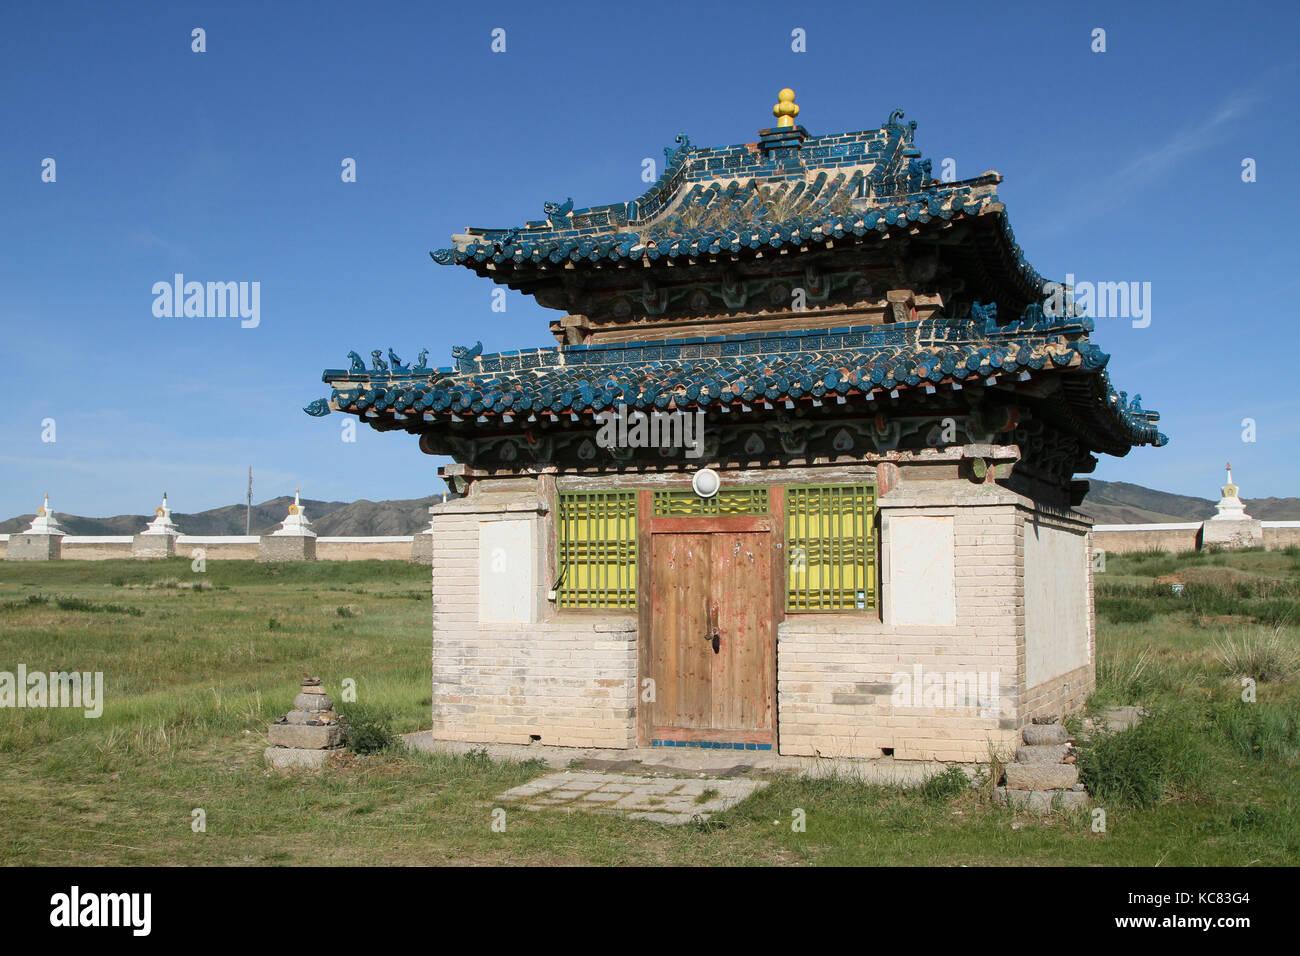 Small temple in Erdene Zuu Monastery, Mongolia - Stock Image